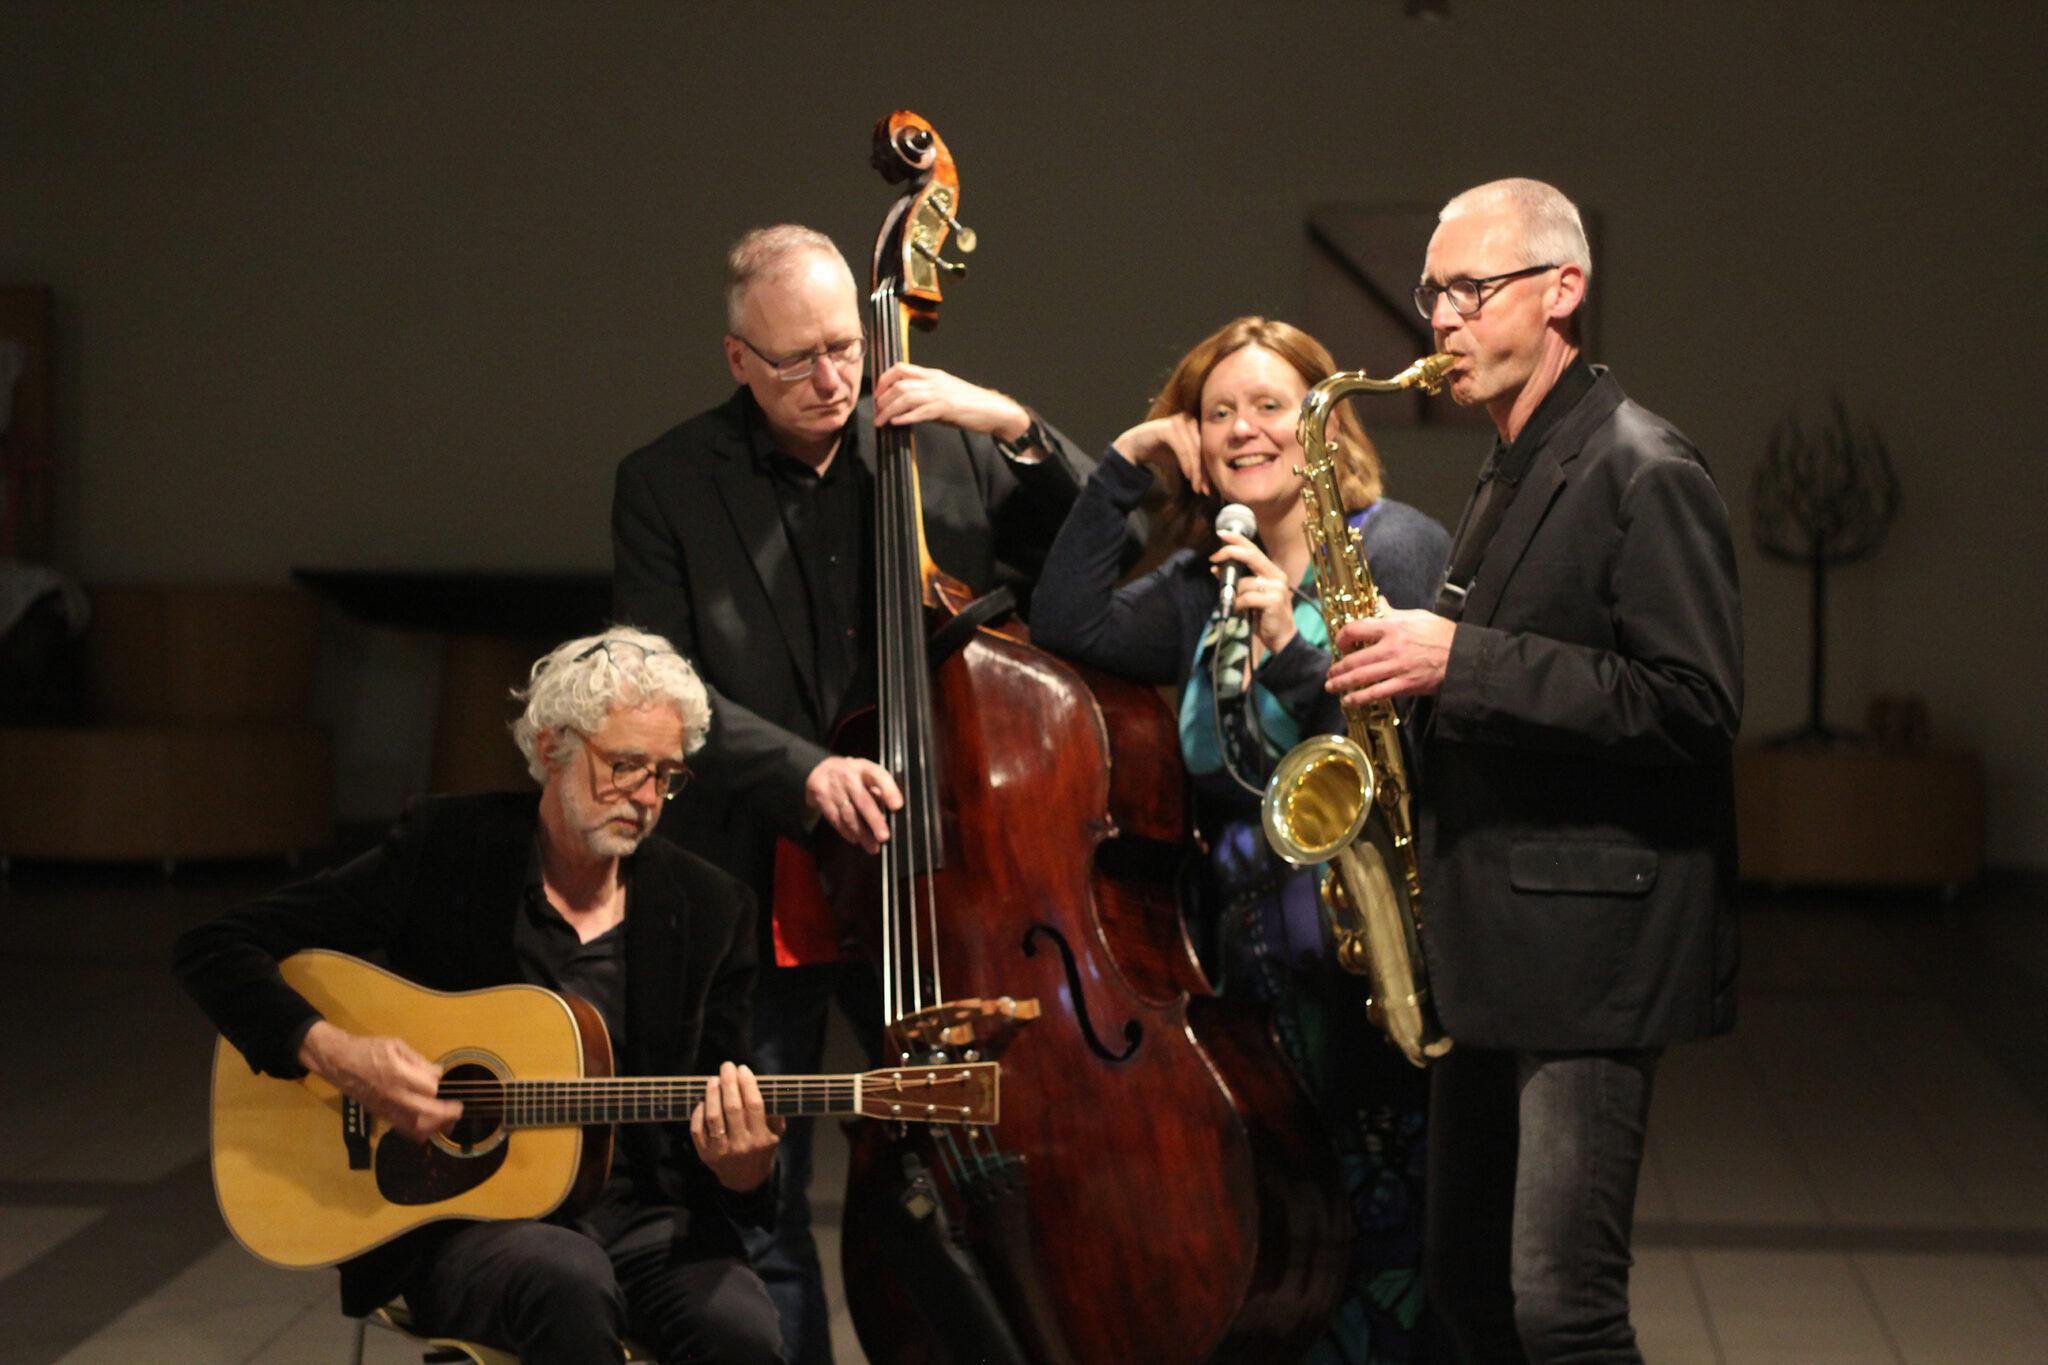 Jazz, Den haag, Kwartet, Bandje, Receptie, Huren, Reserveren, Muziek, bruiloft, optreden